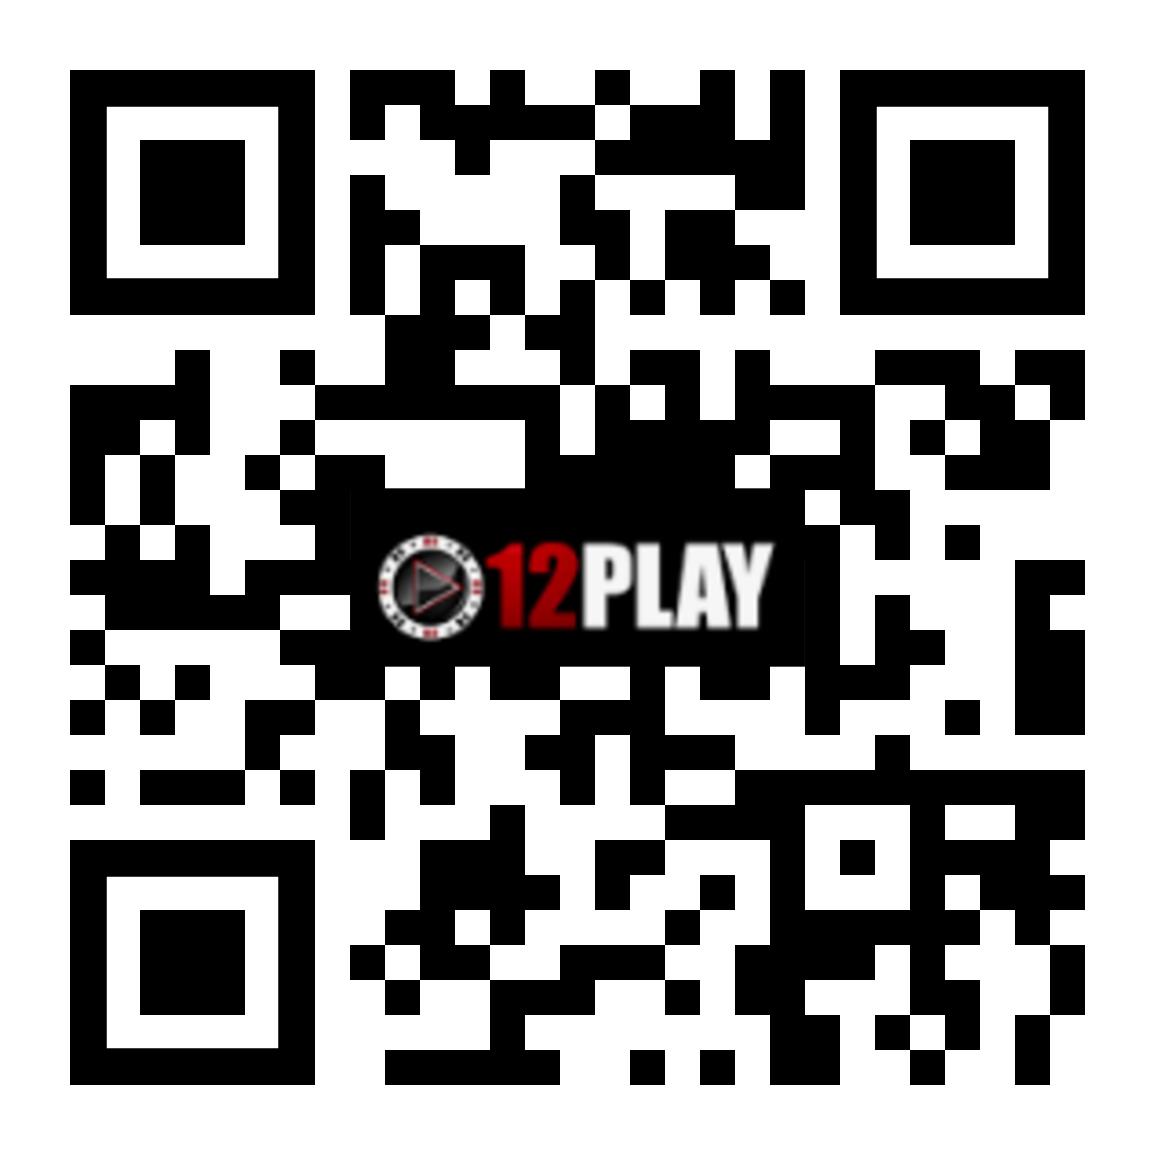 12Play Singapore Online Betting Telegram